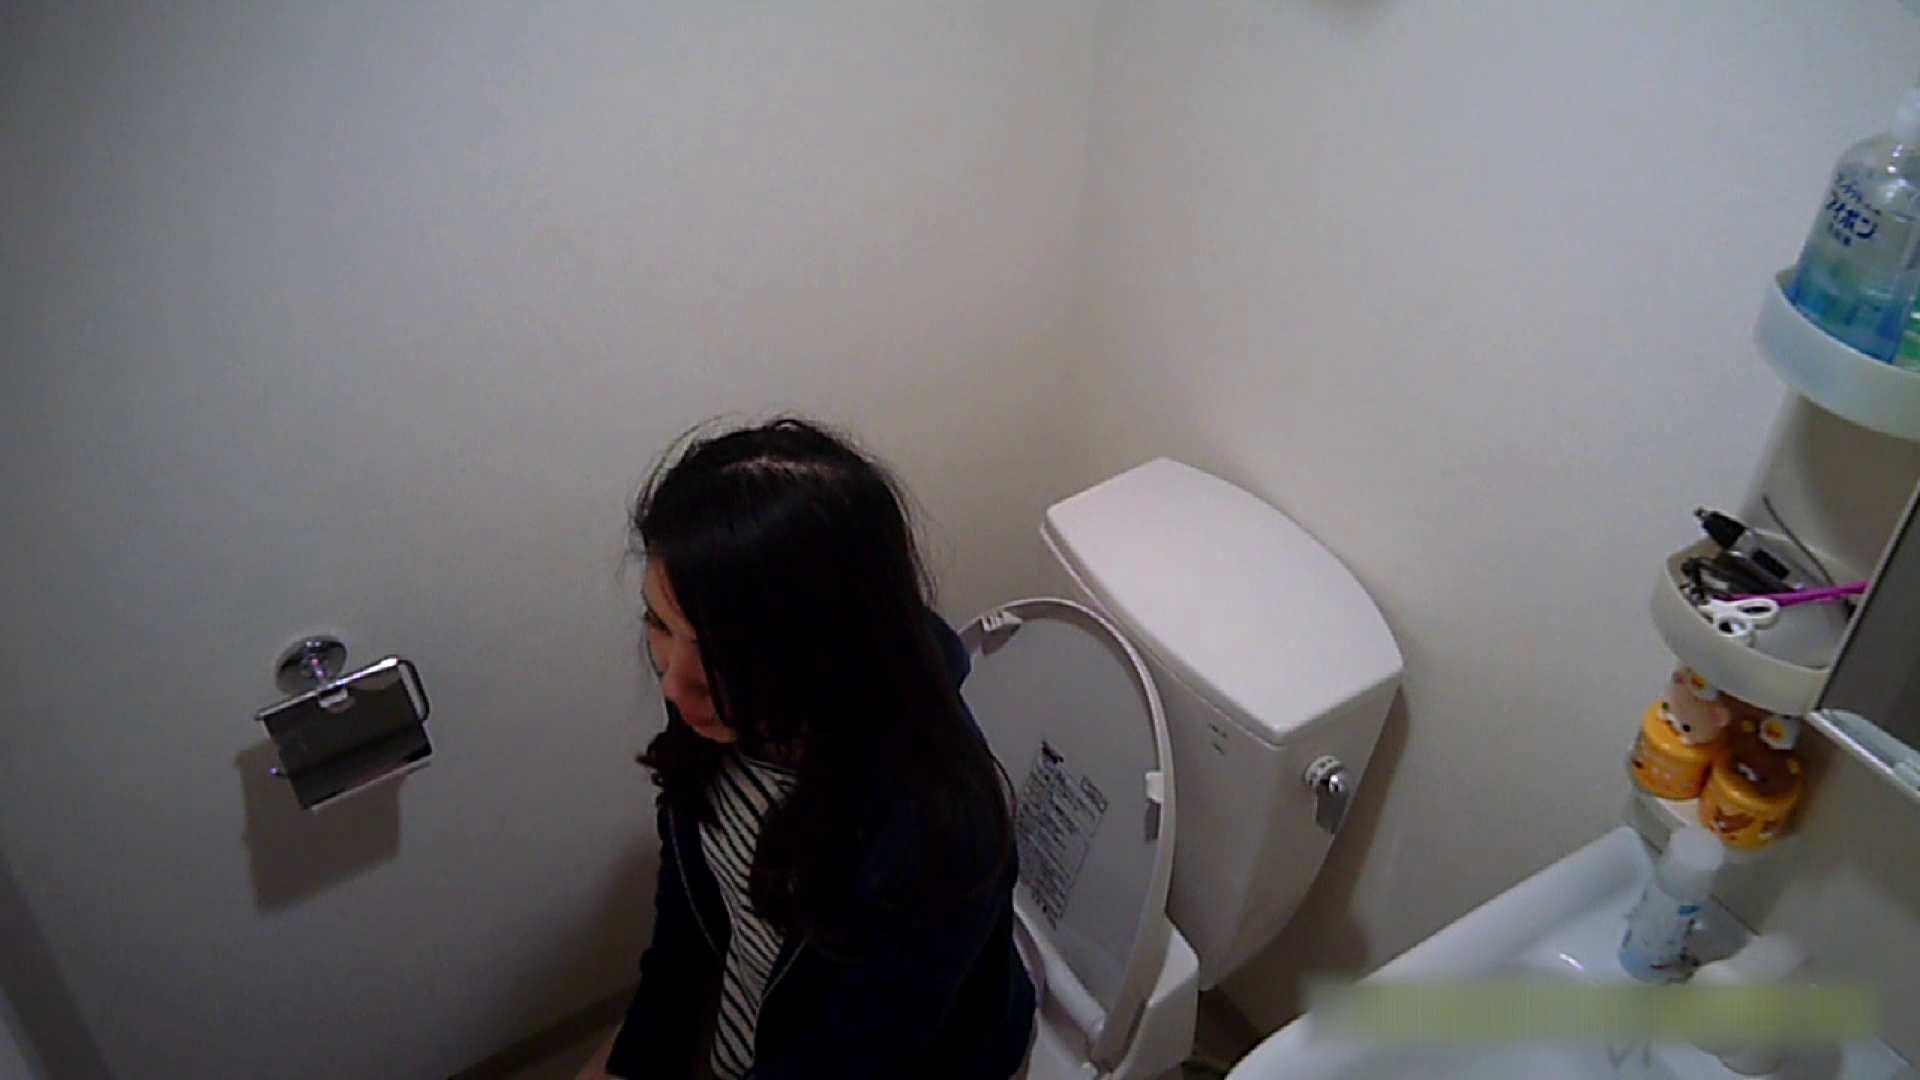 清楚な顔してかなり敏感なE子25歳(仮名)Vol.04 トイレ編 トイレのぞき 性交動画流出 62画像 47